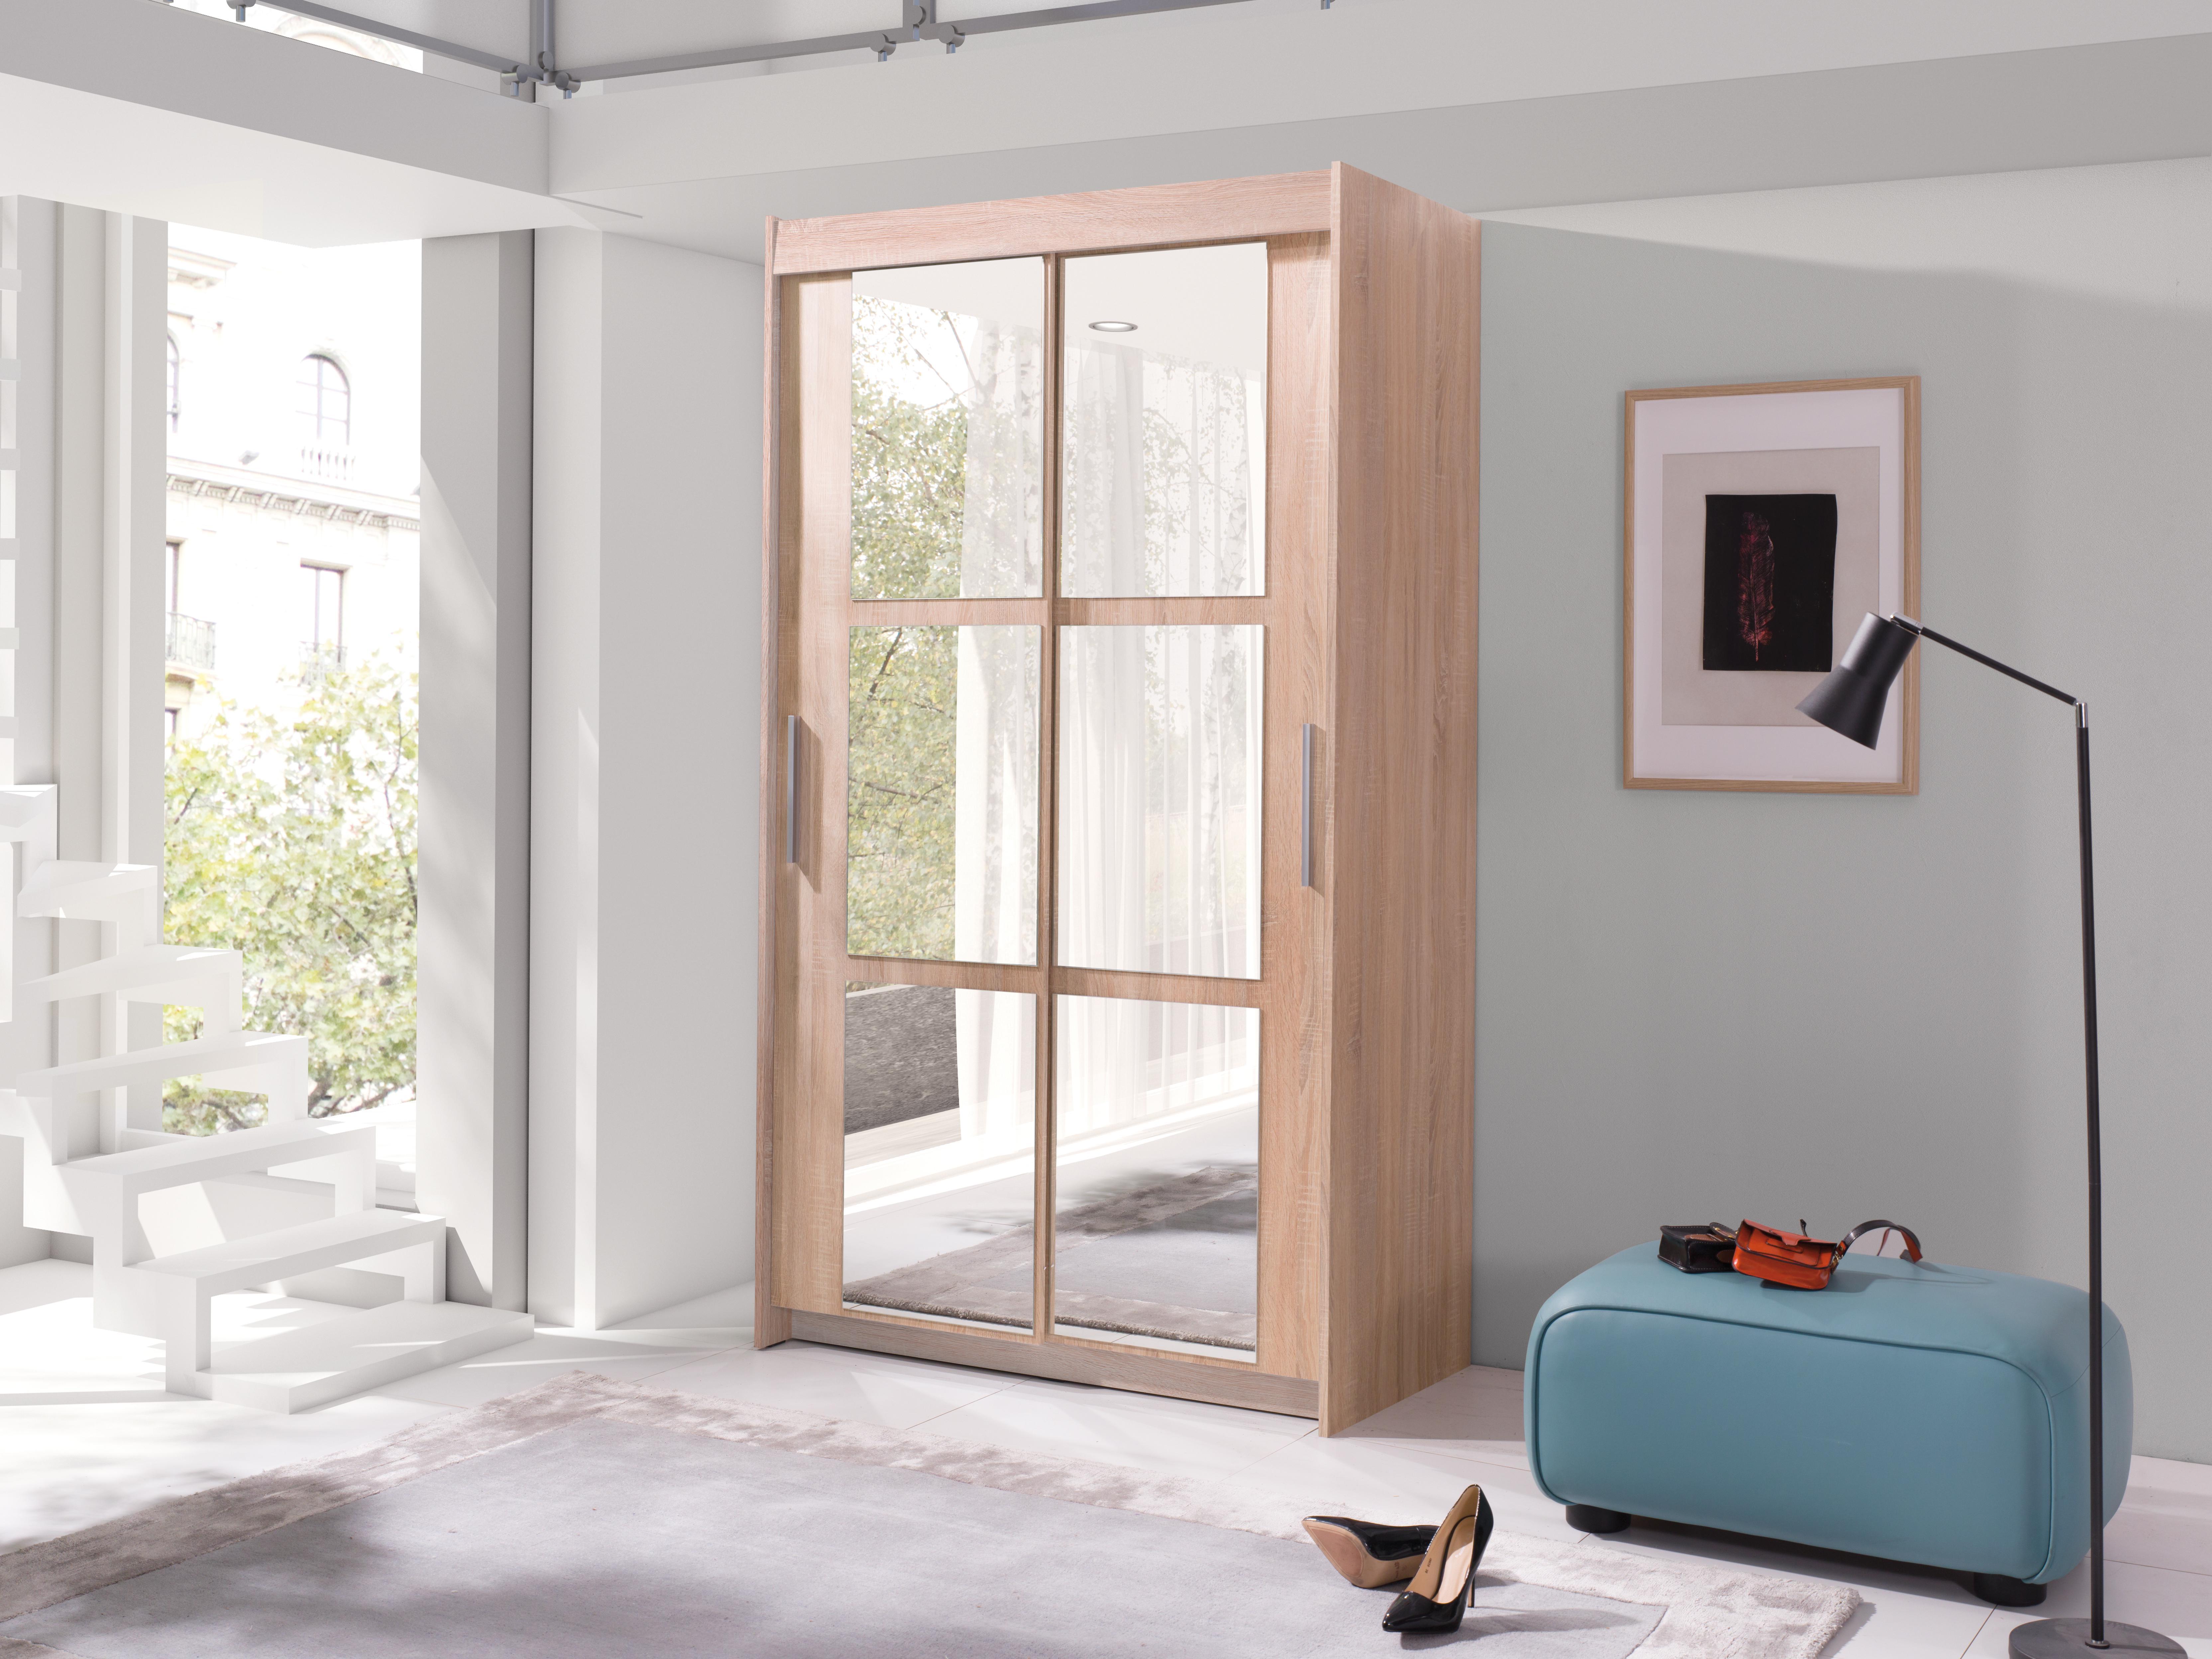 Šatní skříň - Kenton 120 (dub sonoma + zrcadlo)